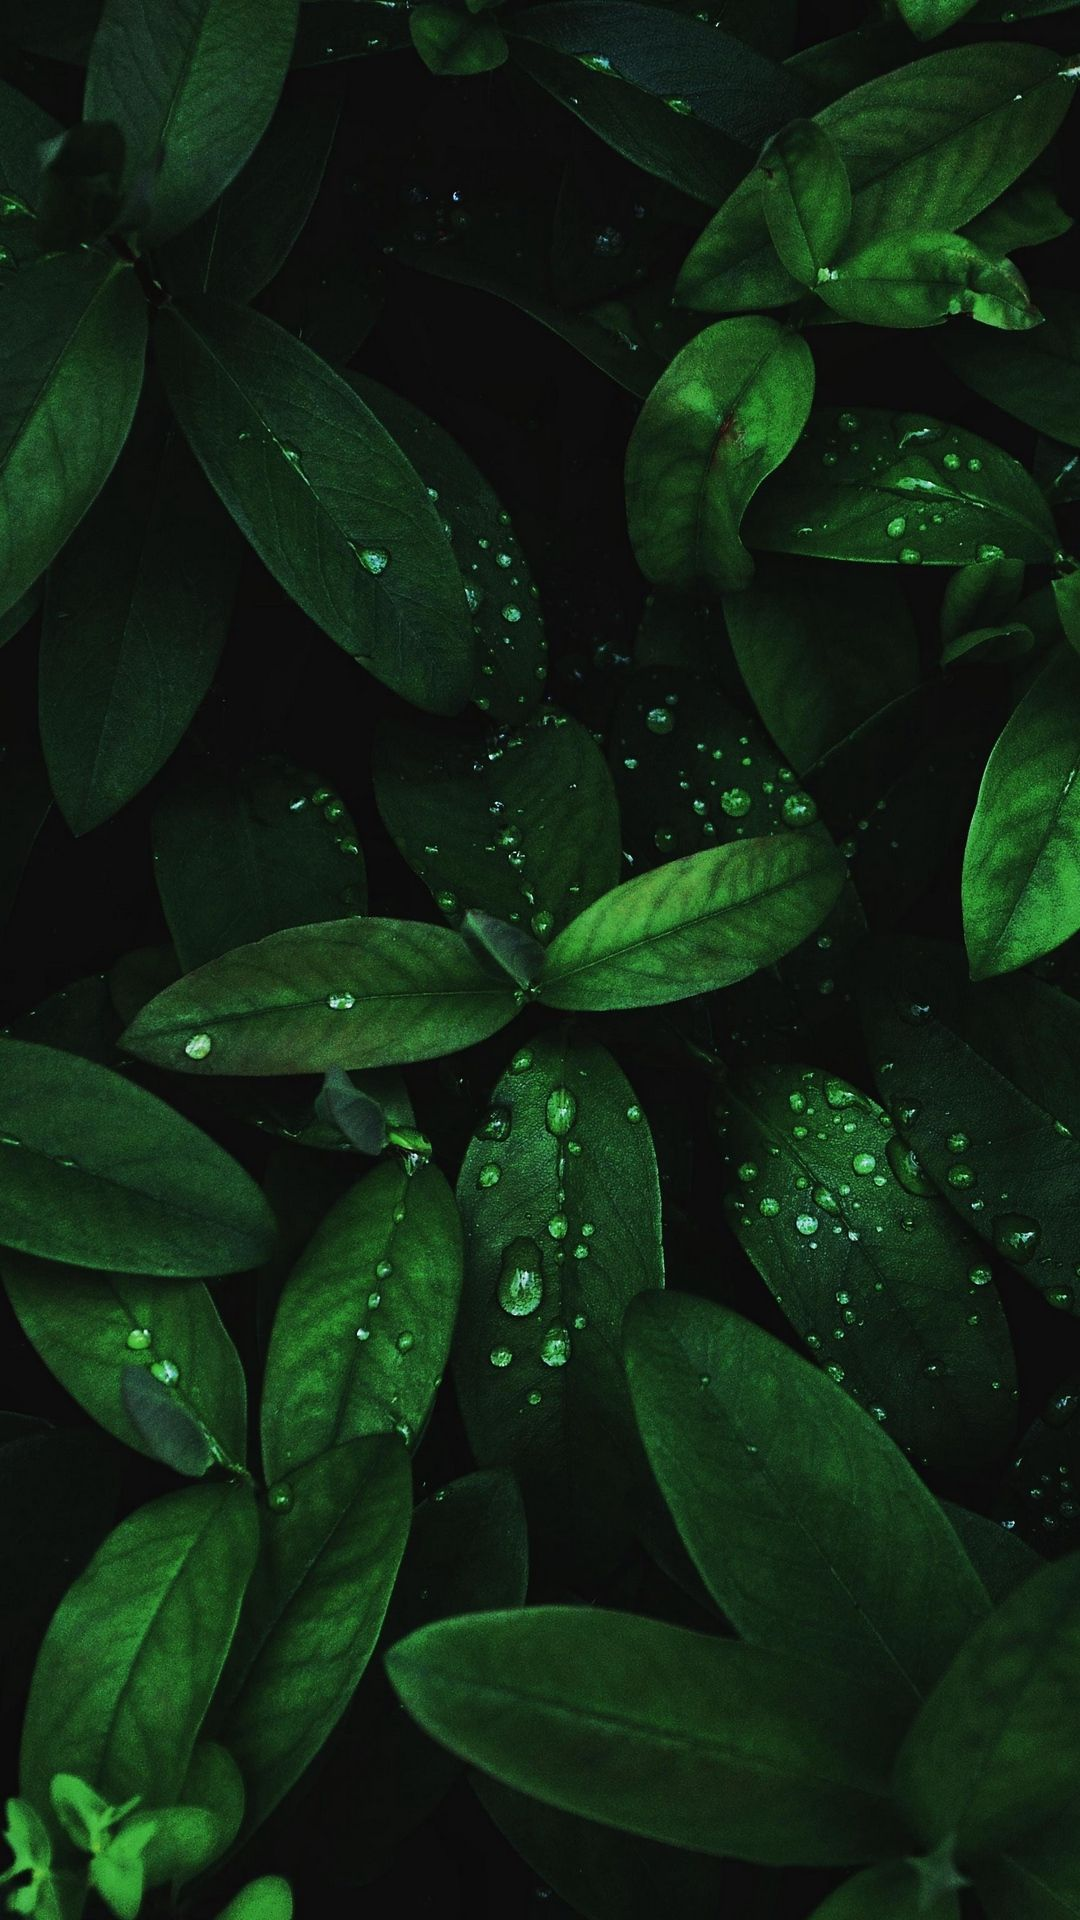 Drops Leaves Dew Macro Wallpaper Lockscreen Mobile Android